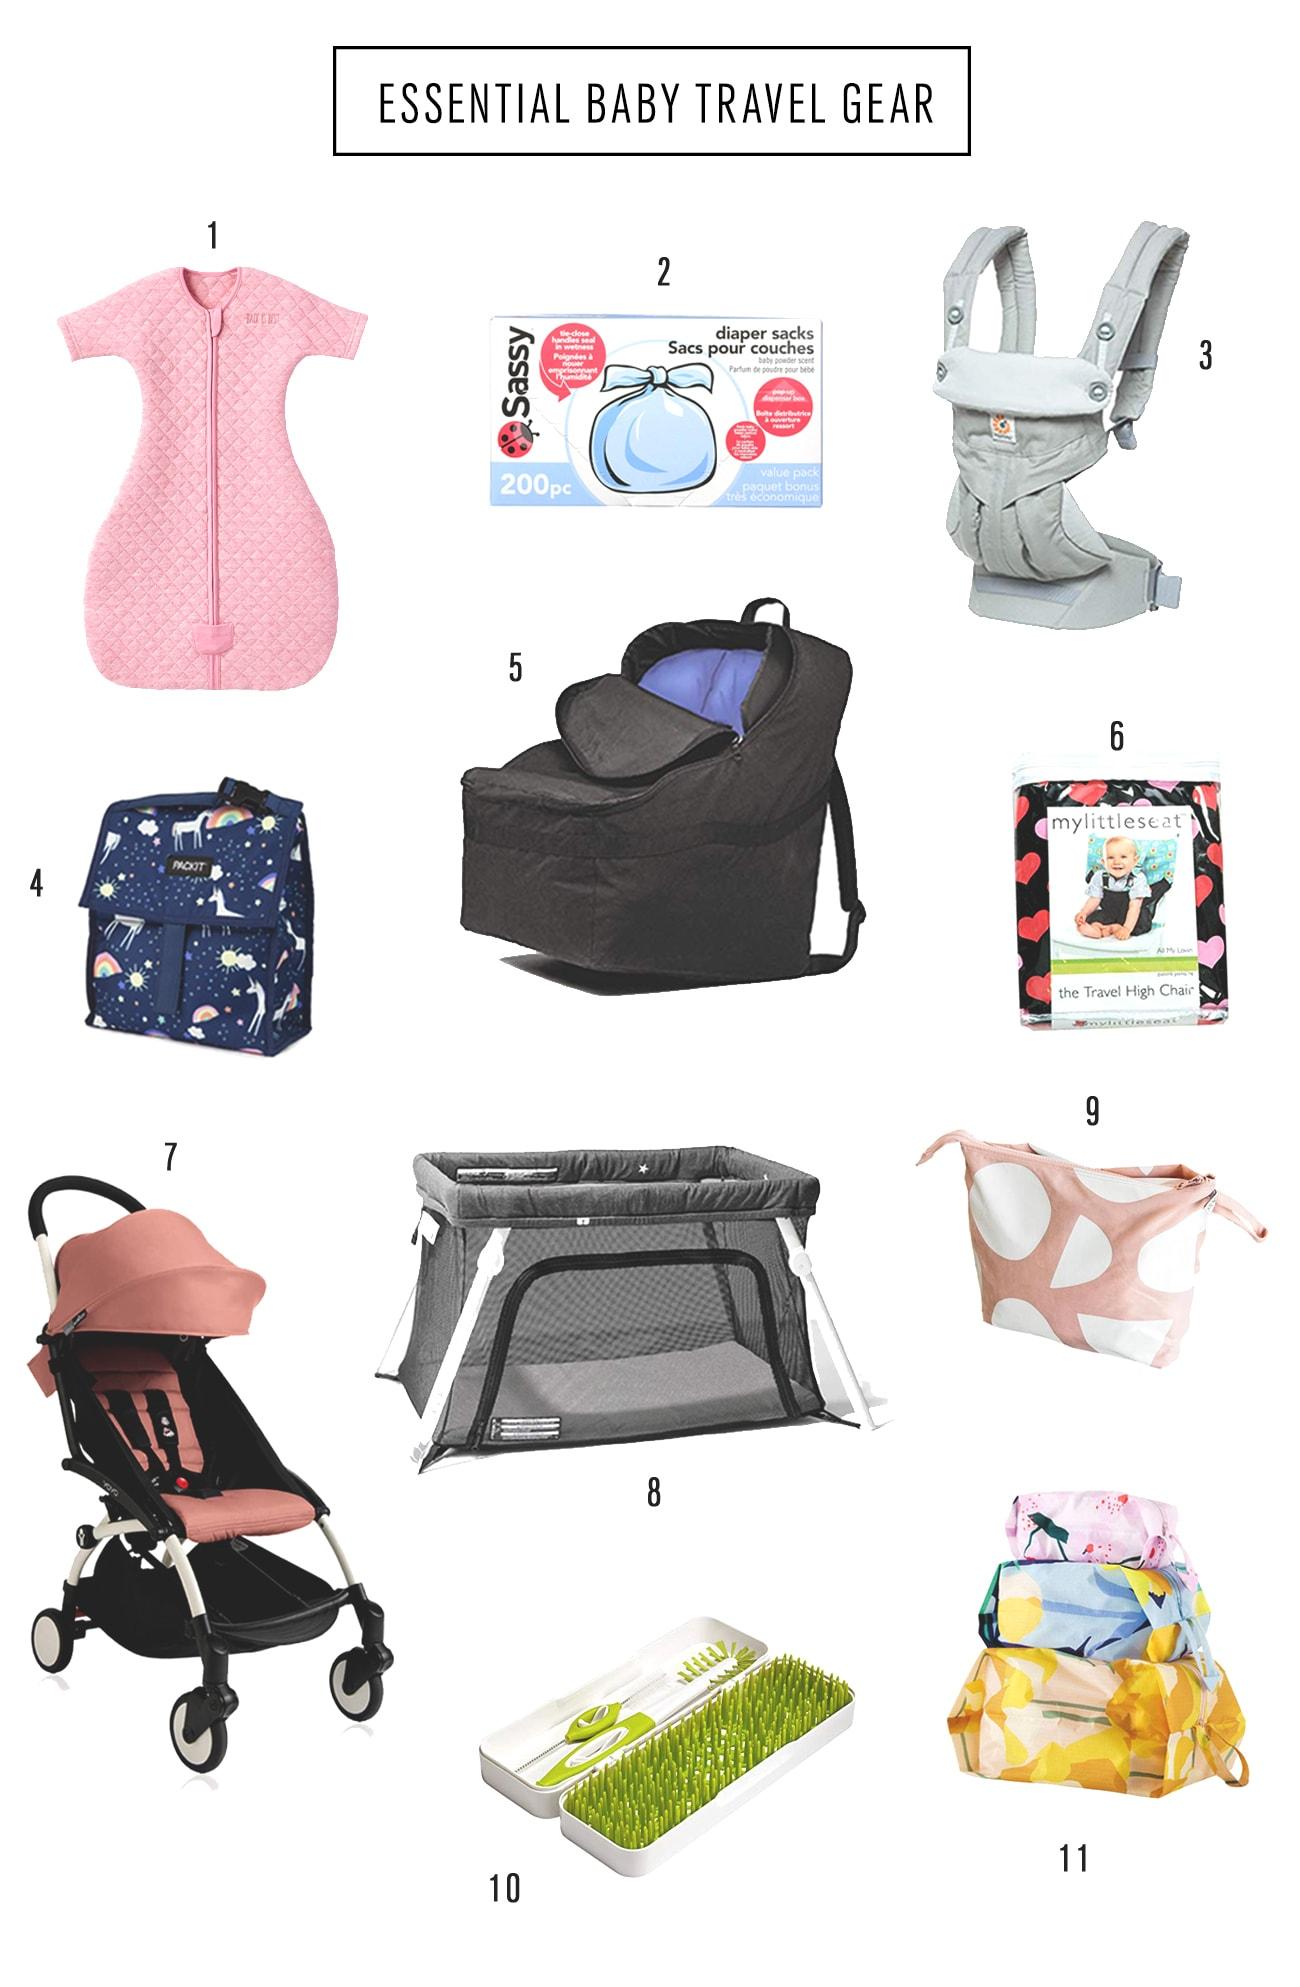 Essential Baby Travel Gear